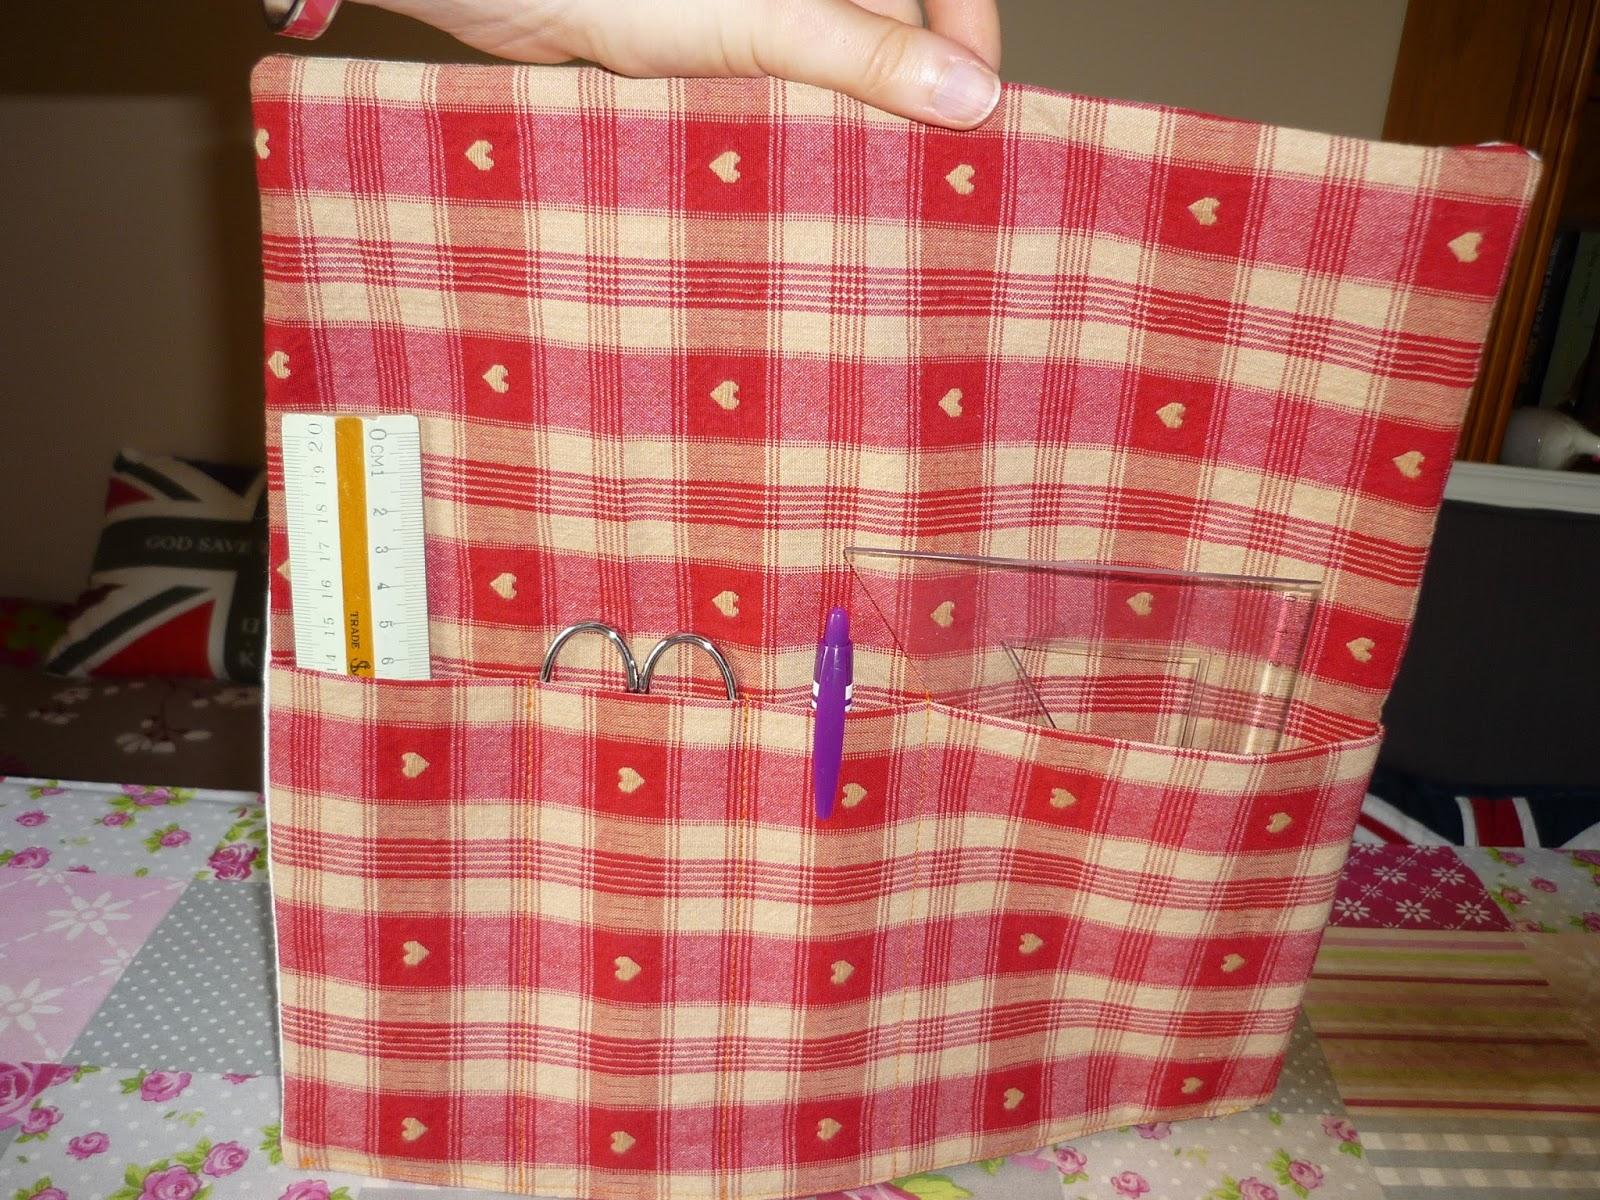 Cr ations d 39 elod 39 rideau de rangement couture for Rangement tissu couture